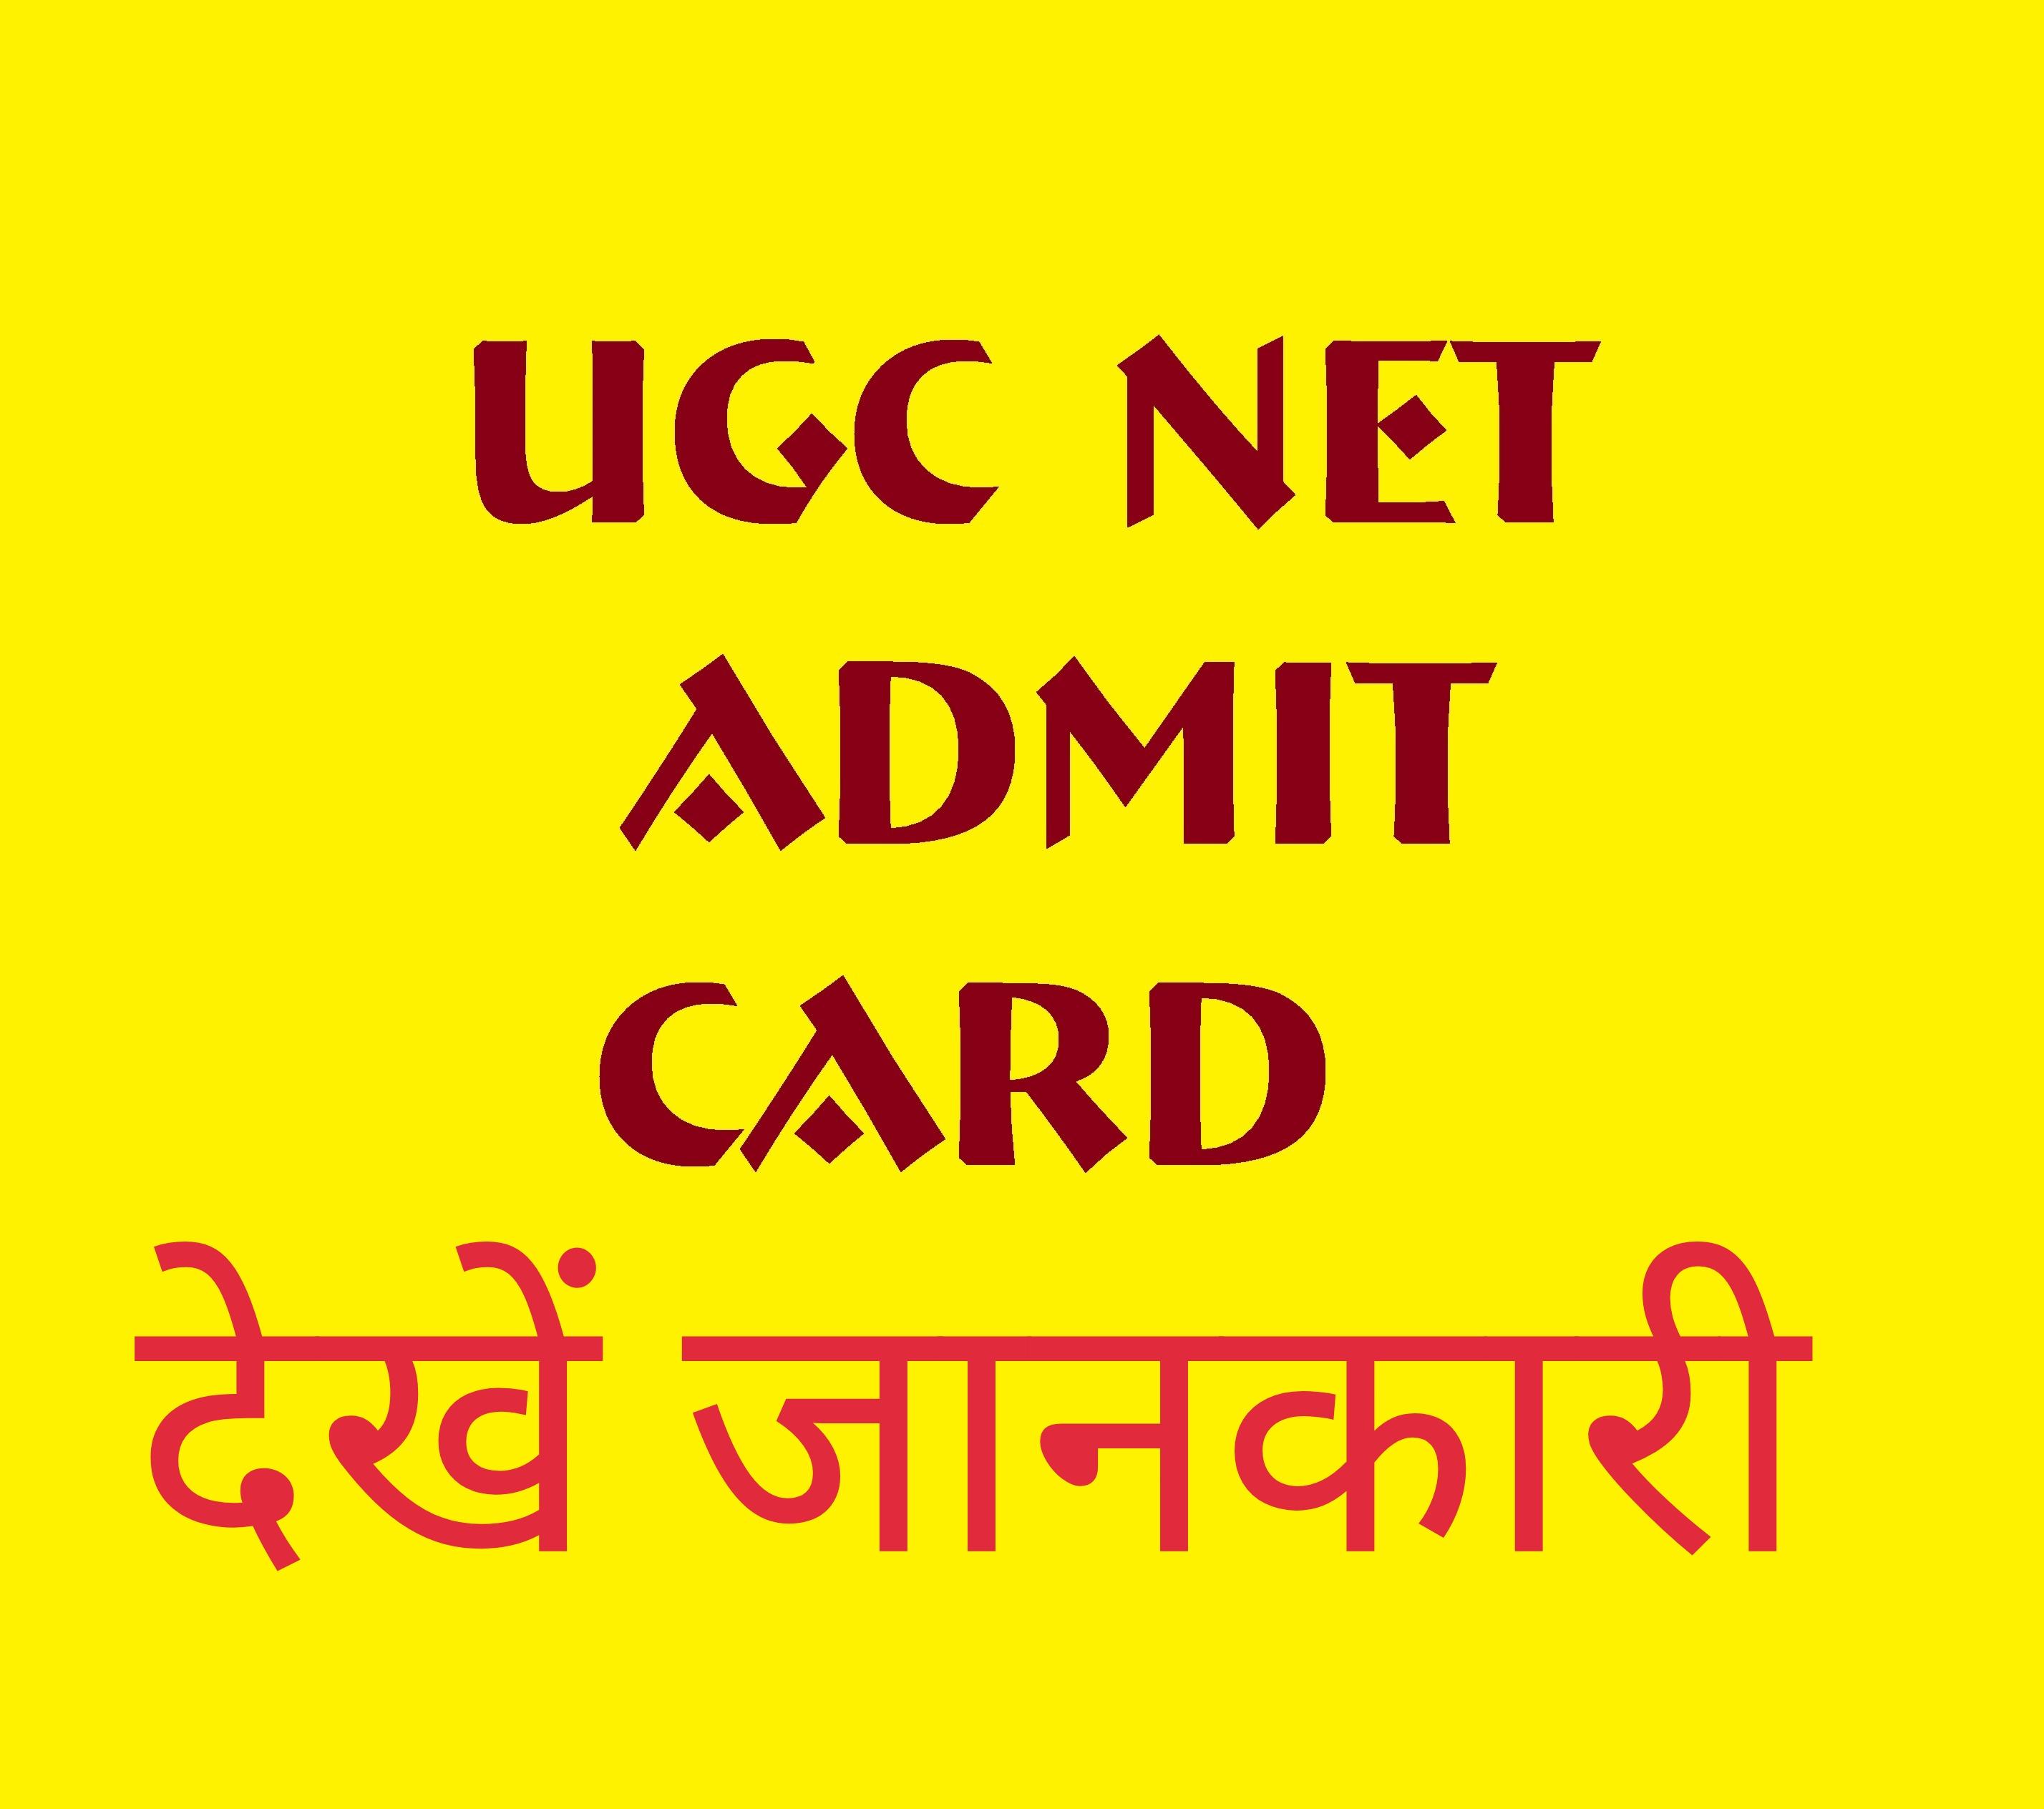 Ugc net admit card www.kalamkitab.com